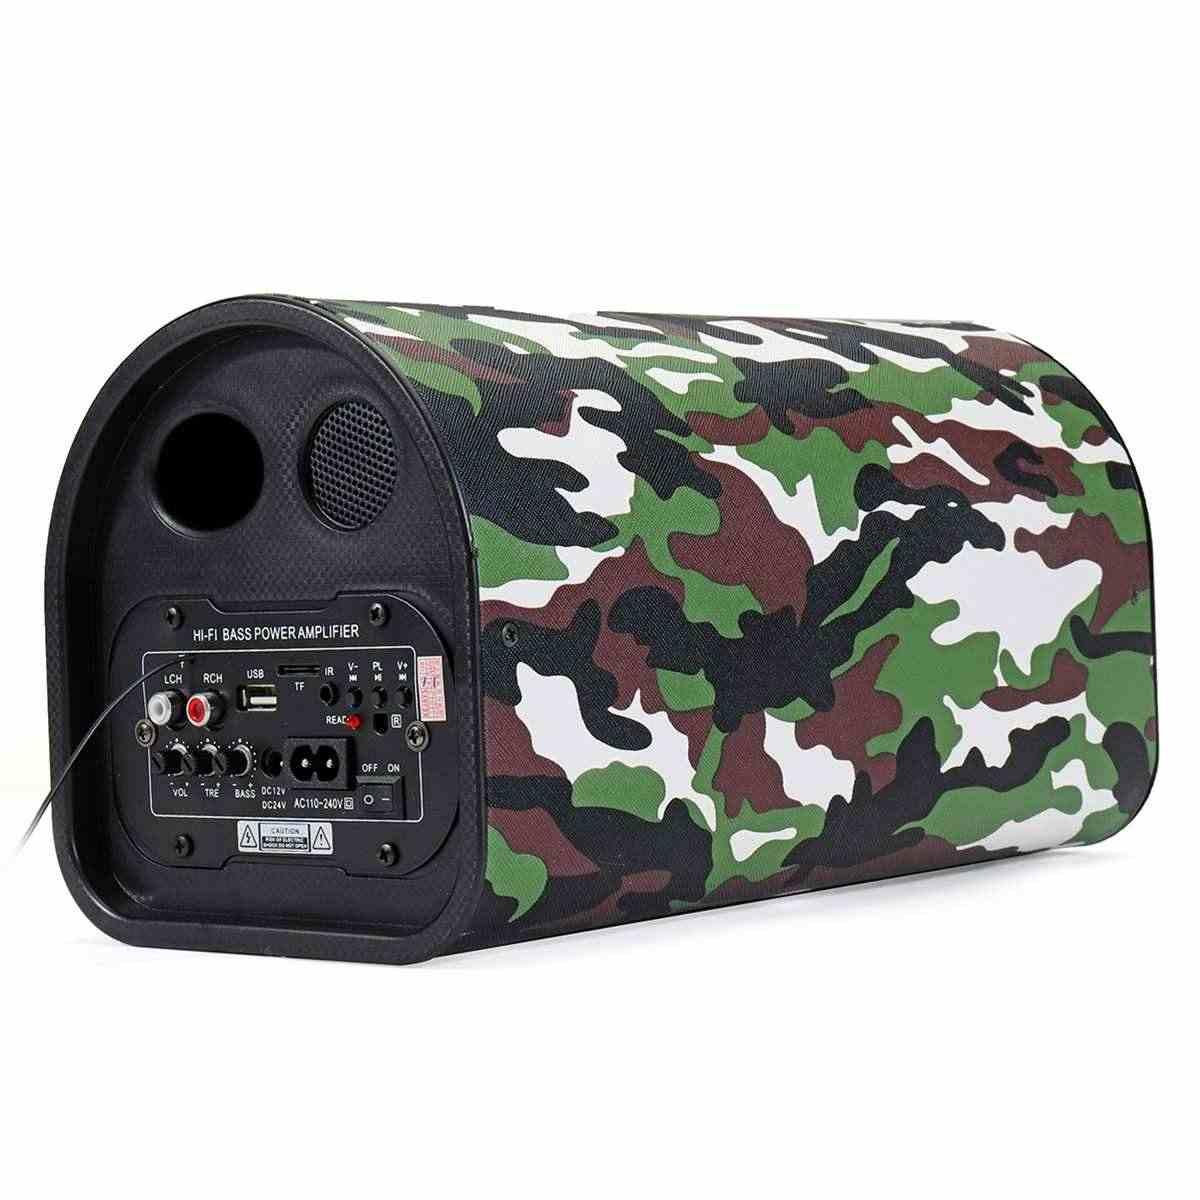 USB Регулировка 12 В/24 В 220 В Автомобильный bluetooth пульт дистанционного управления сабвуфер Hi-Fi бас усилитель мощности динамика совместимый Смартфон стол